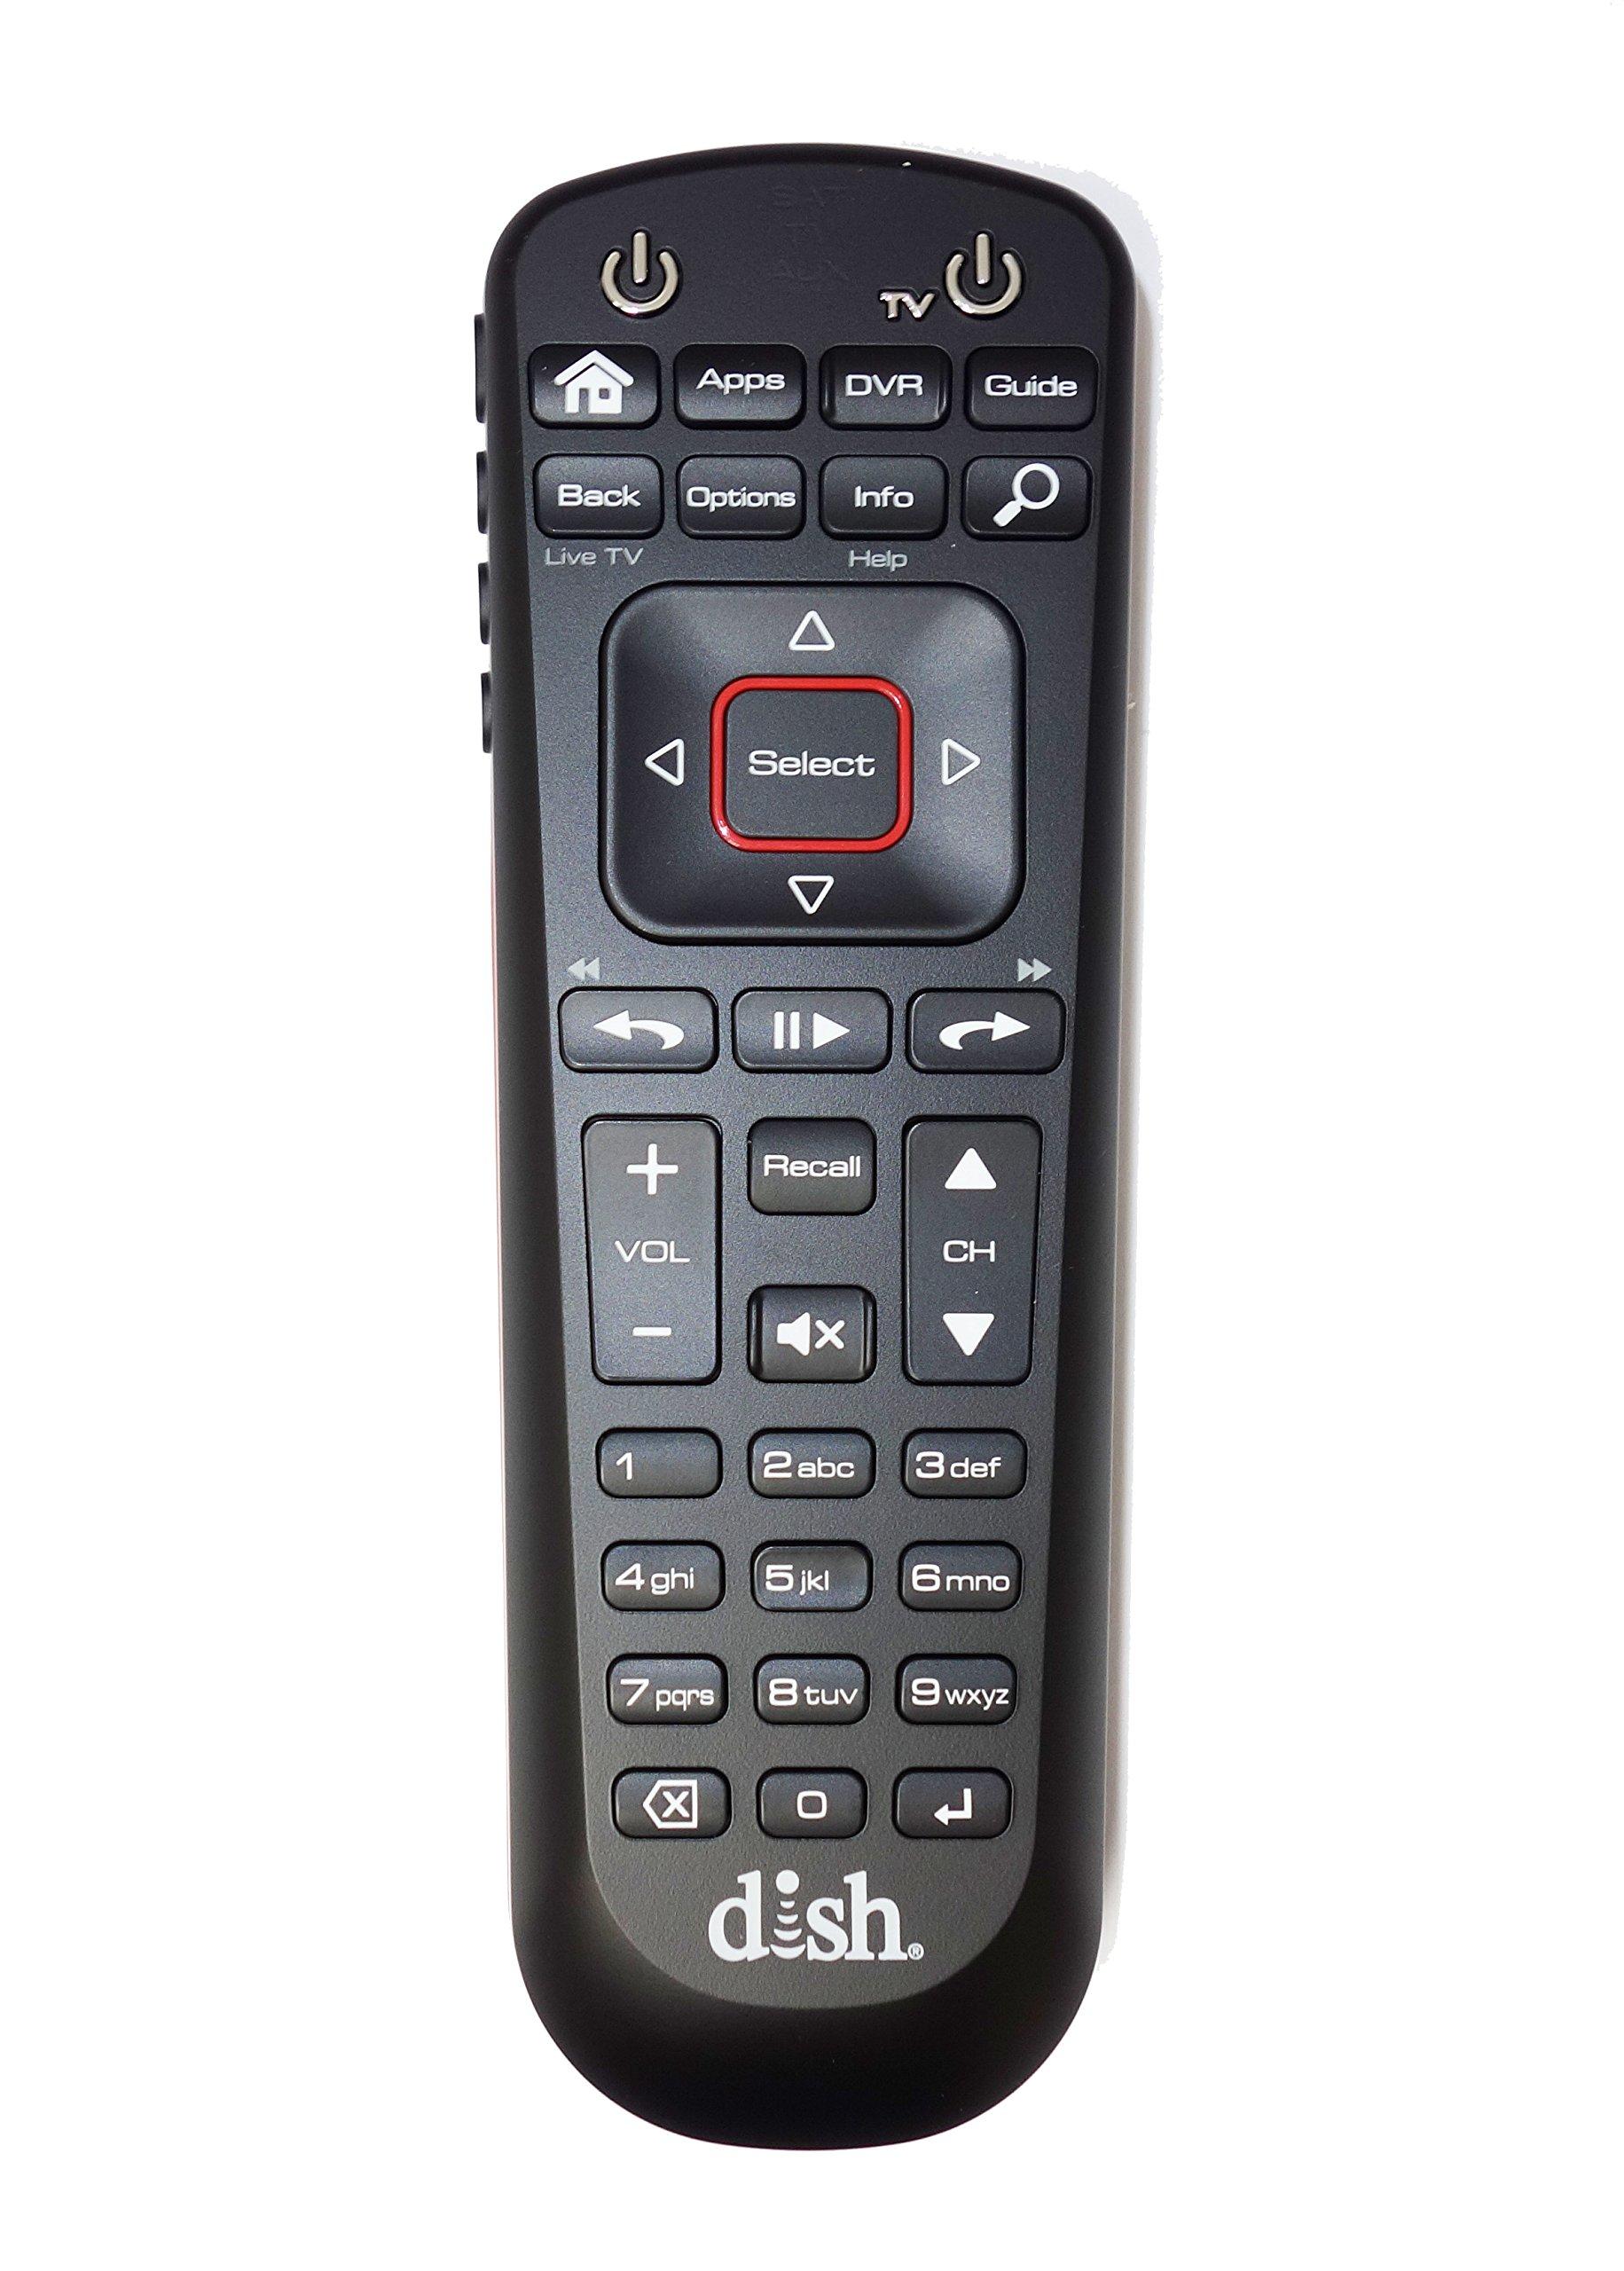 DISH NETWORK Remote 52.0